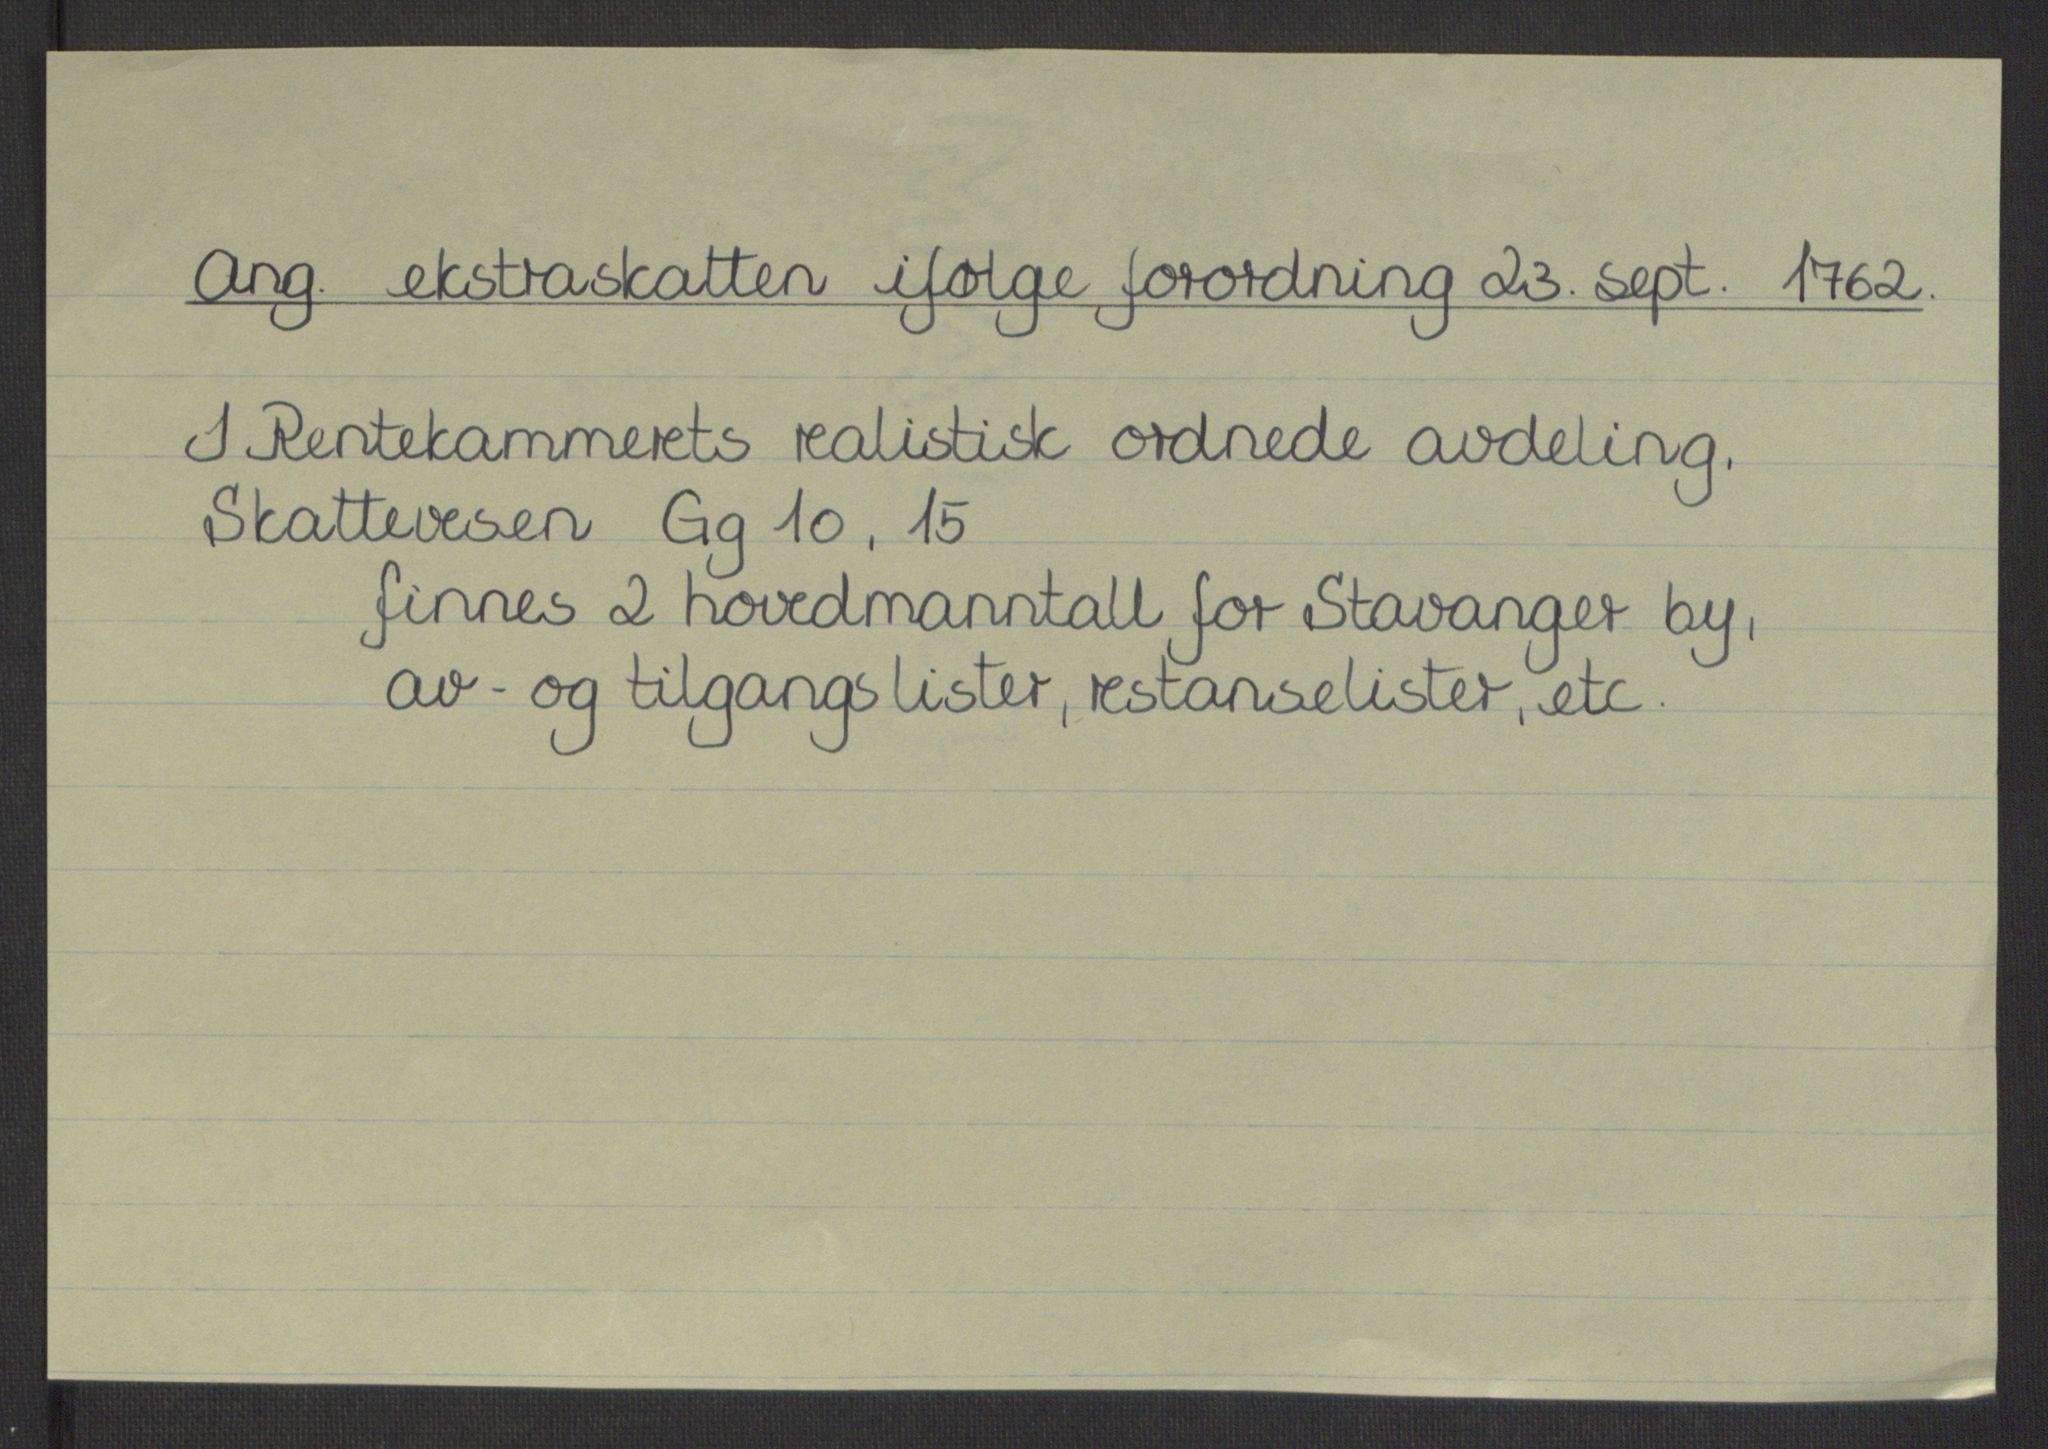 RA, Rentekammeret inntil 1814, Reviderte regnskaper, Byregnskaper, R/Ro/L0305: [O6] Kontribusjonsregnskap, 1762-1768, s. 5